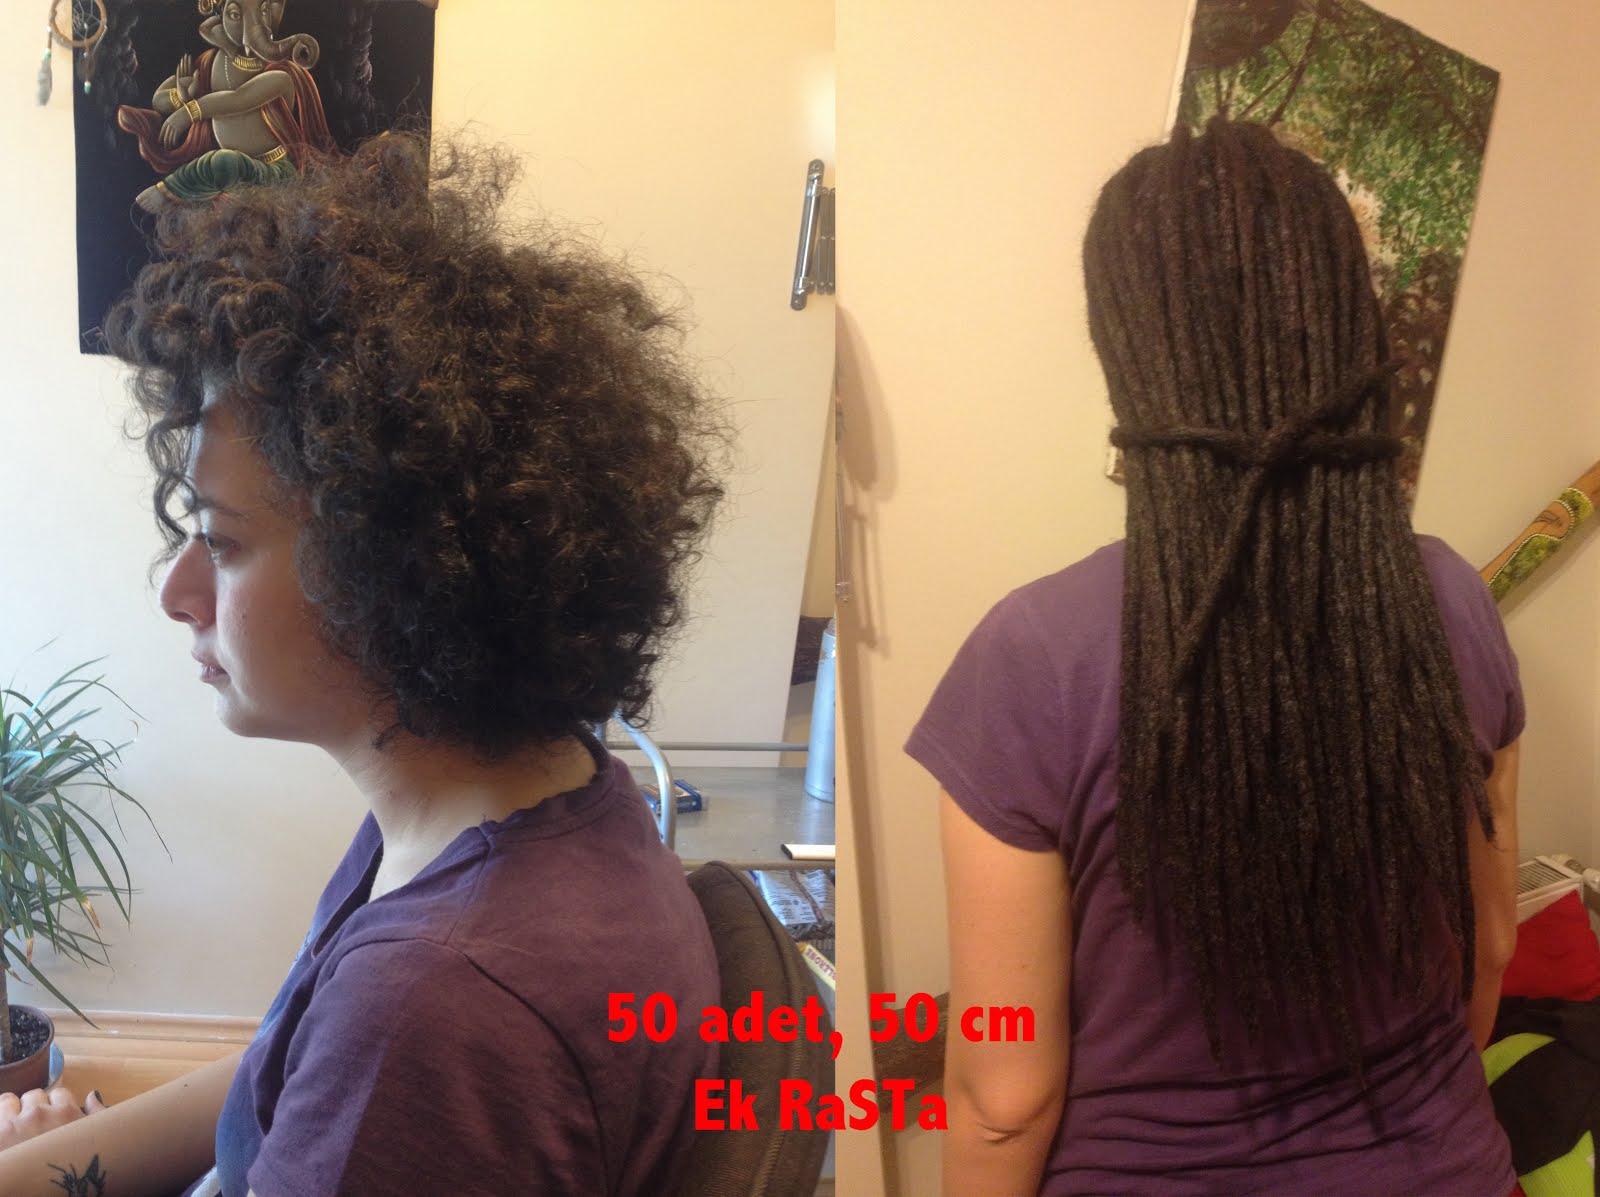 En ilginç rastalı saç modelleri ve bakımı